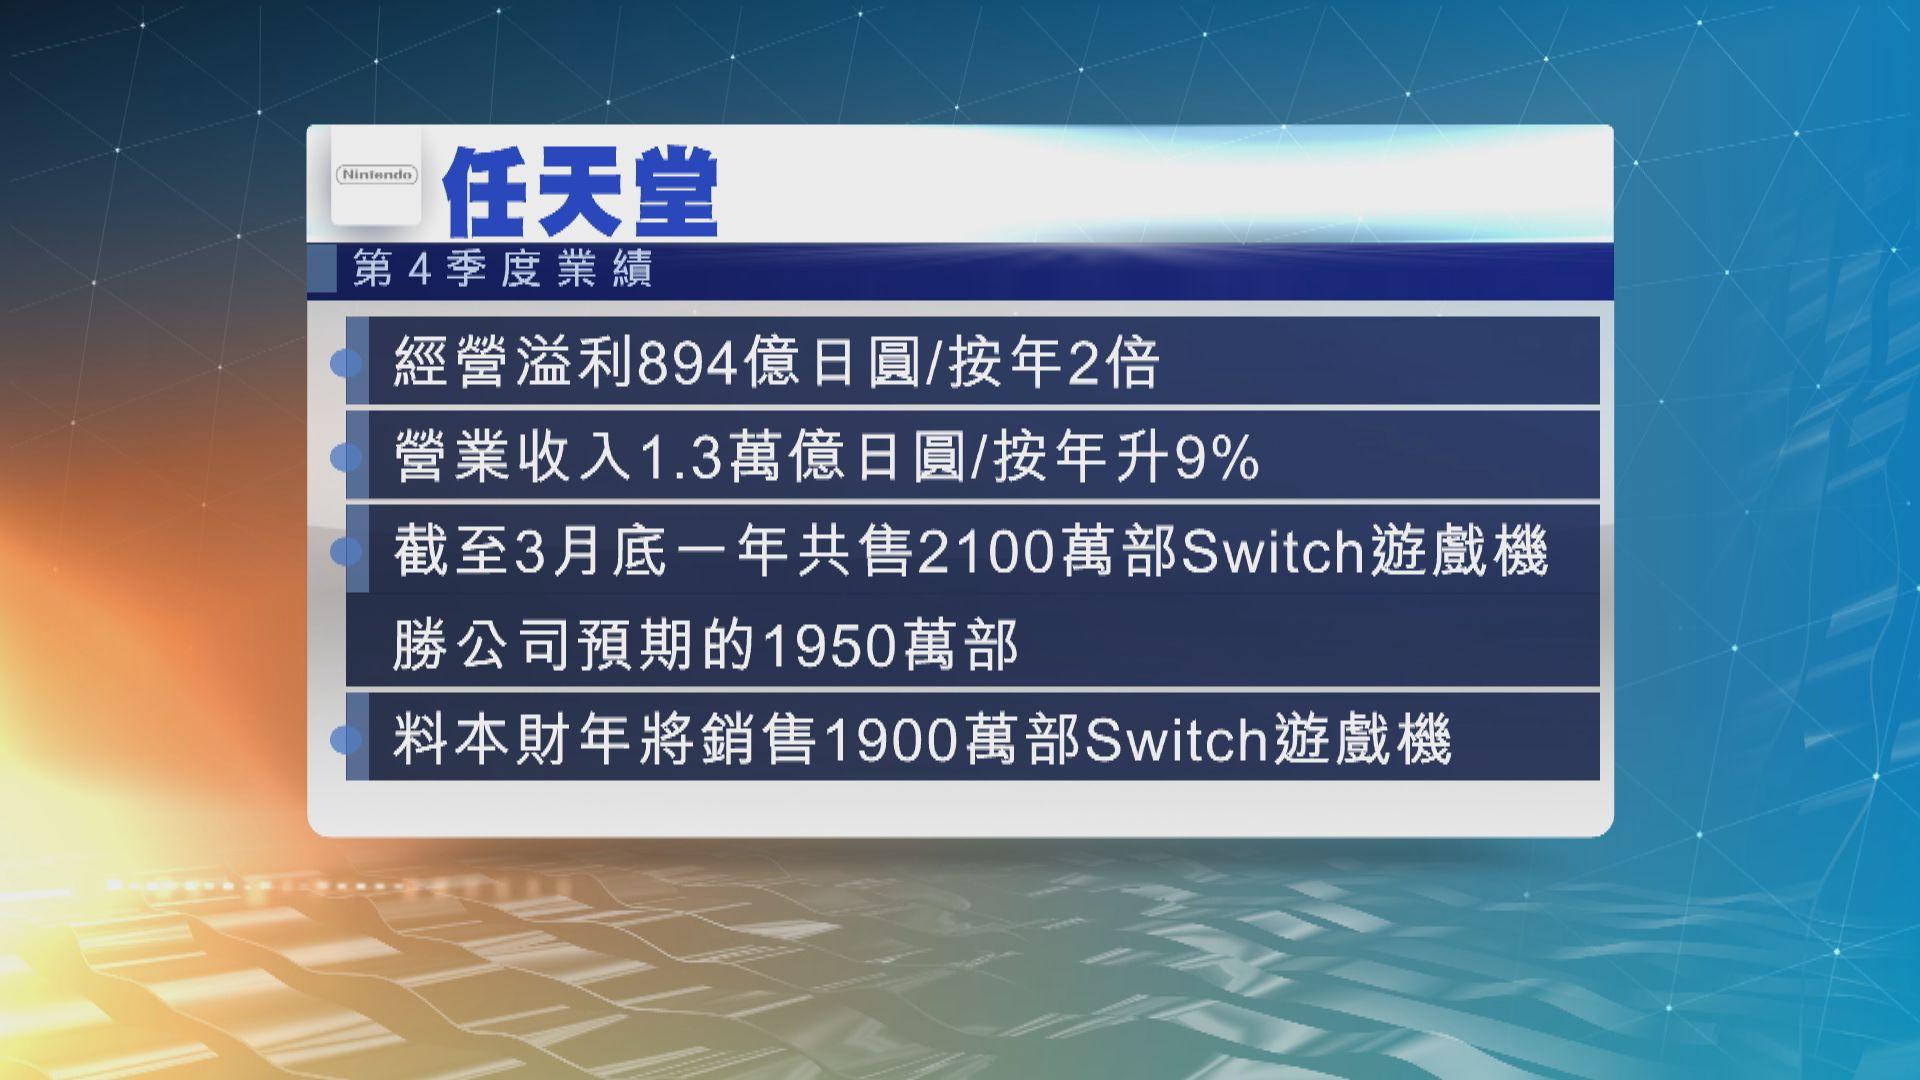 任天堂上季經營溢利大升2倍 Switch銷售較預期佳